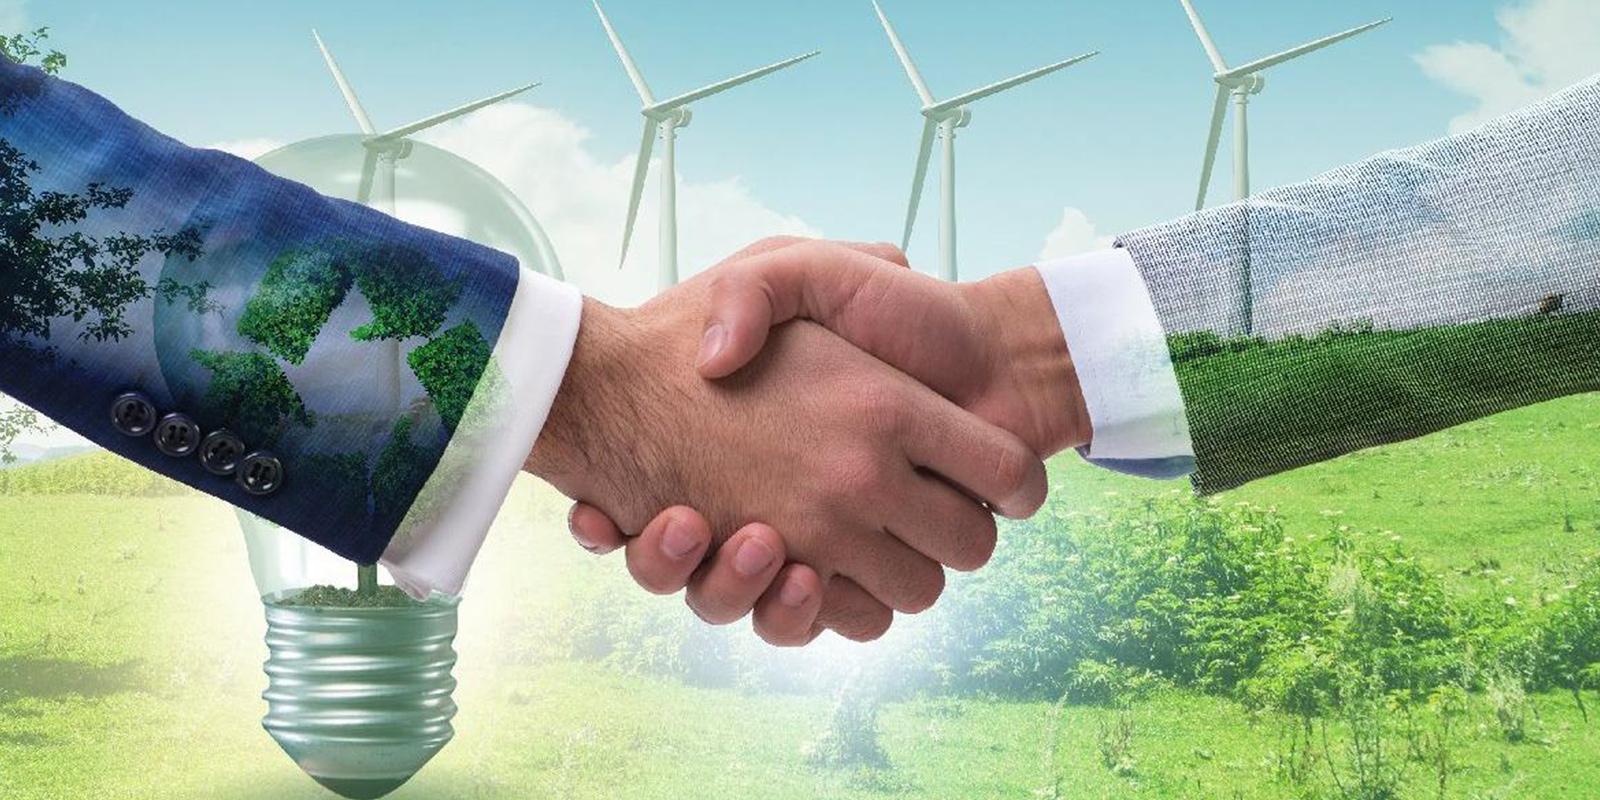 Paris Anlaşması nedir? Türkiye, Paris İklim Anlaşmasını imzaladı mı?